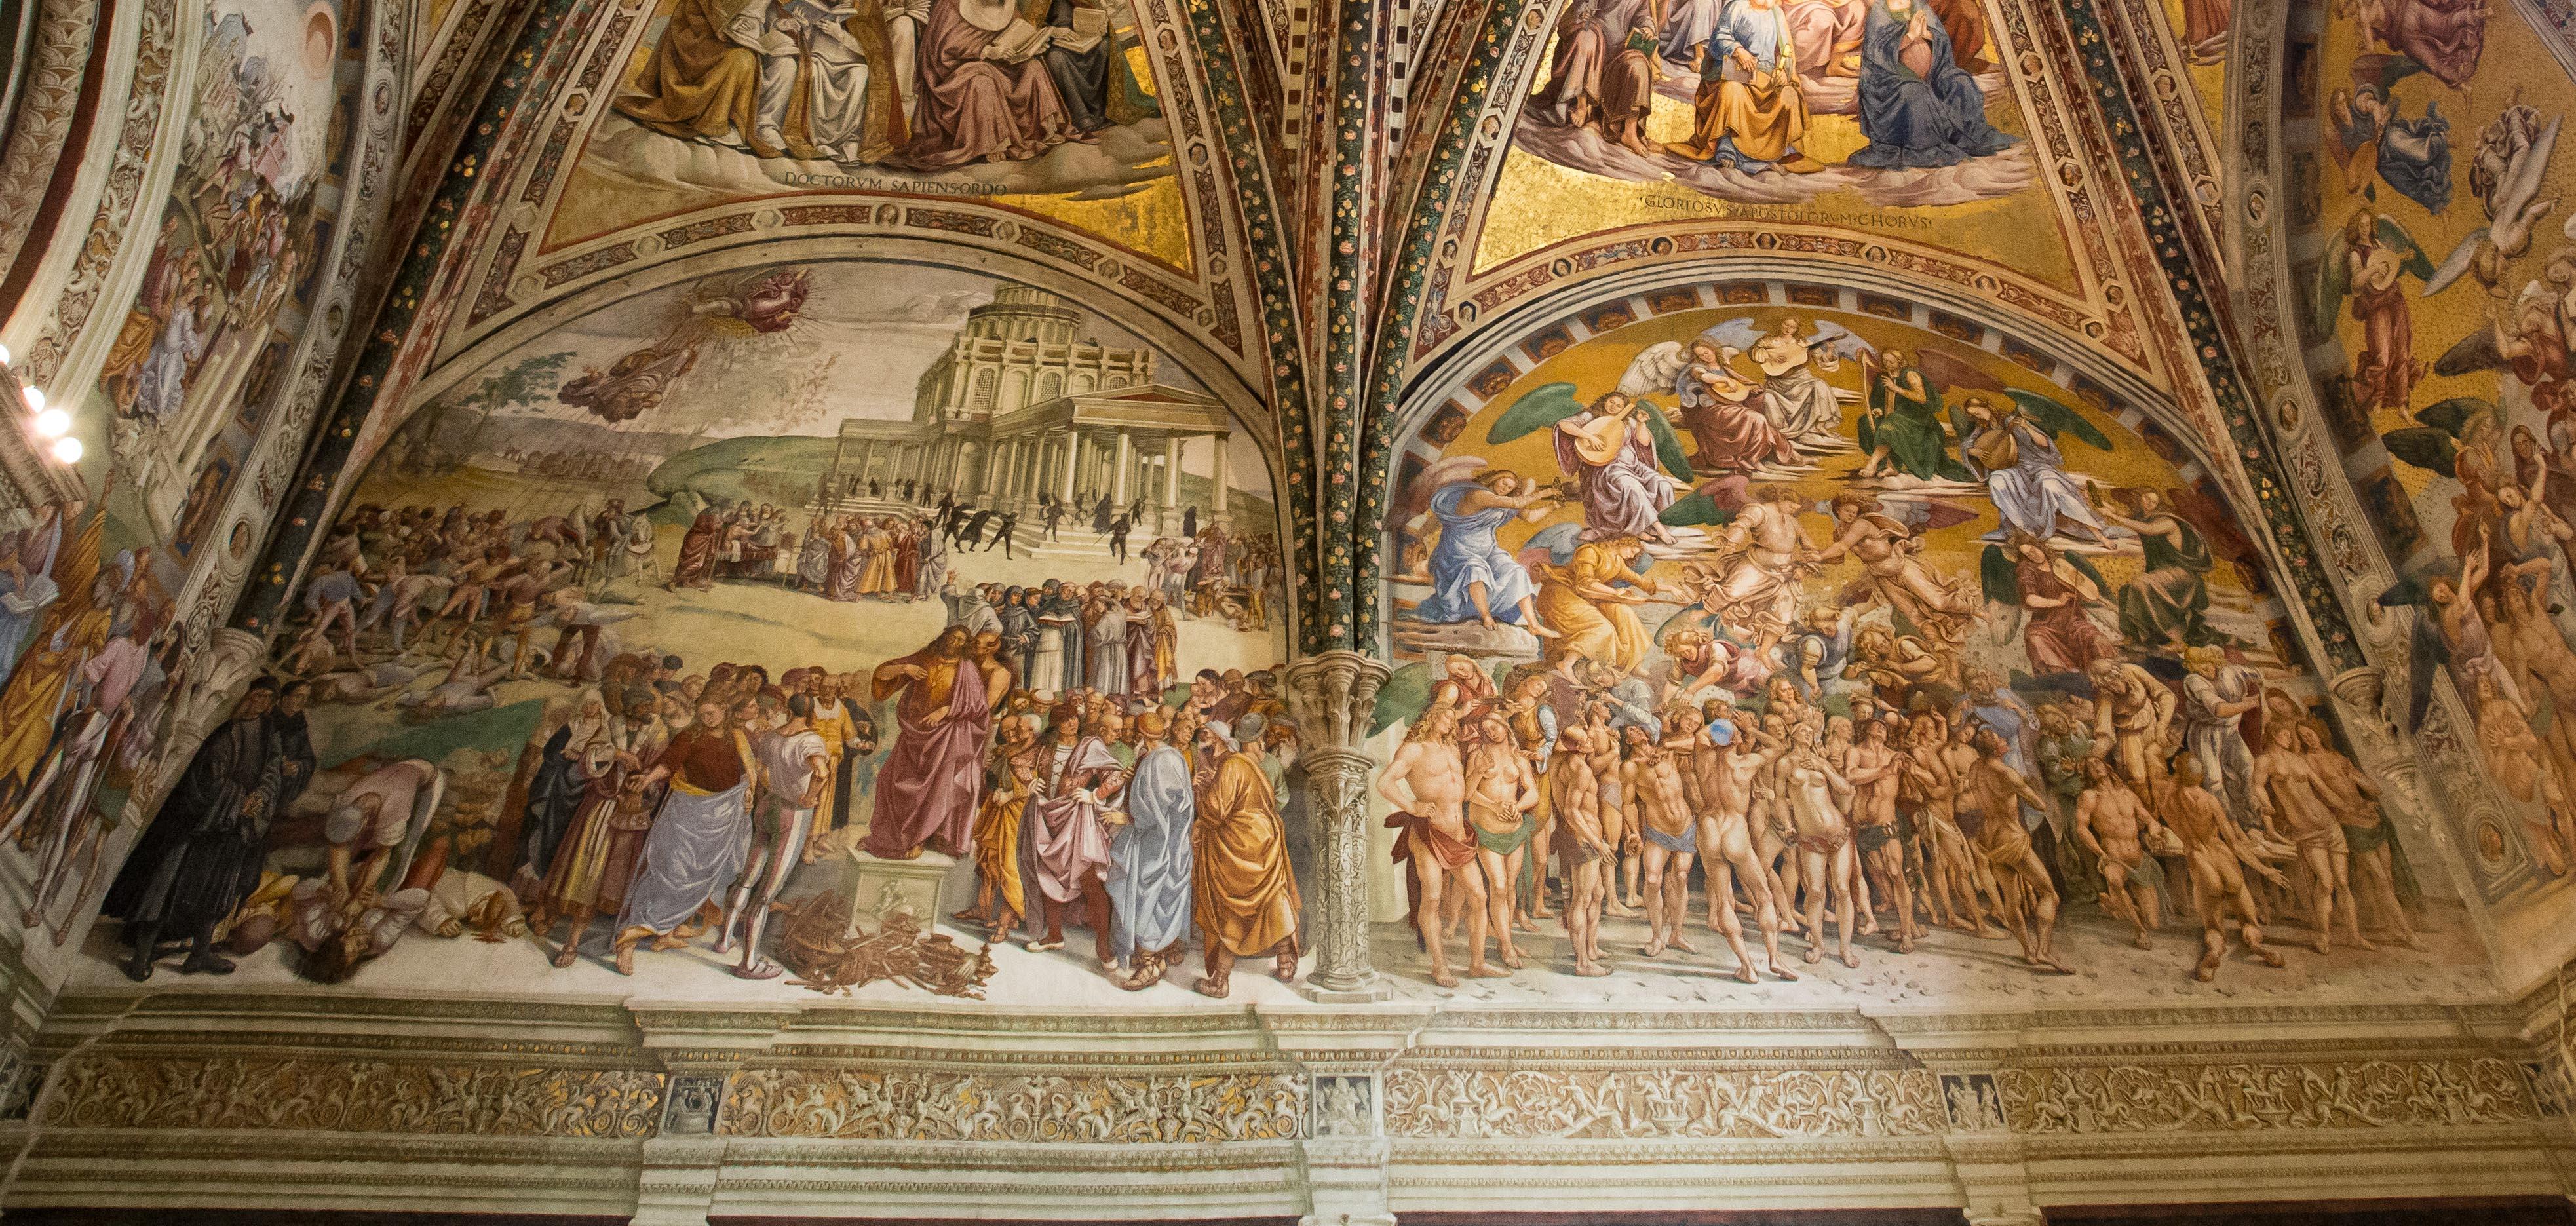 Signorelli, Antichrist and Paradise